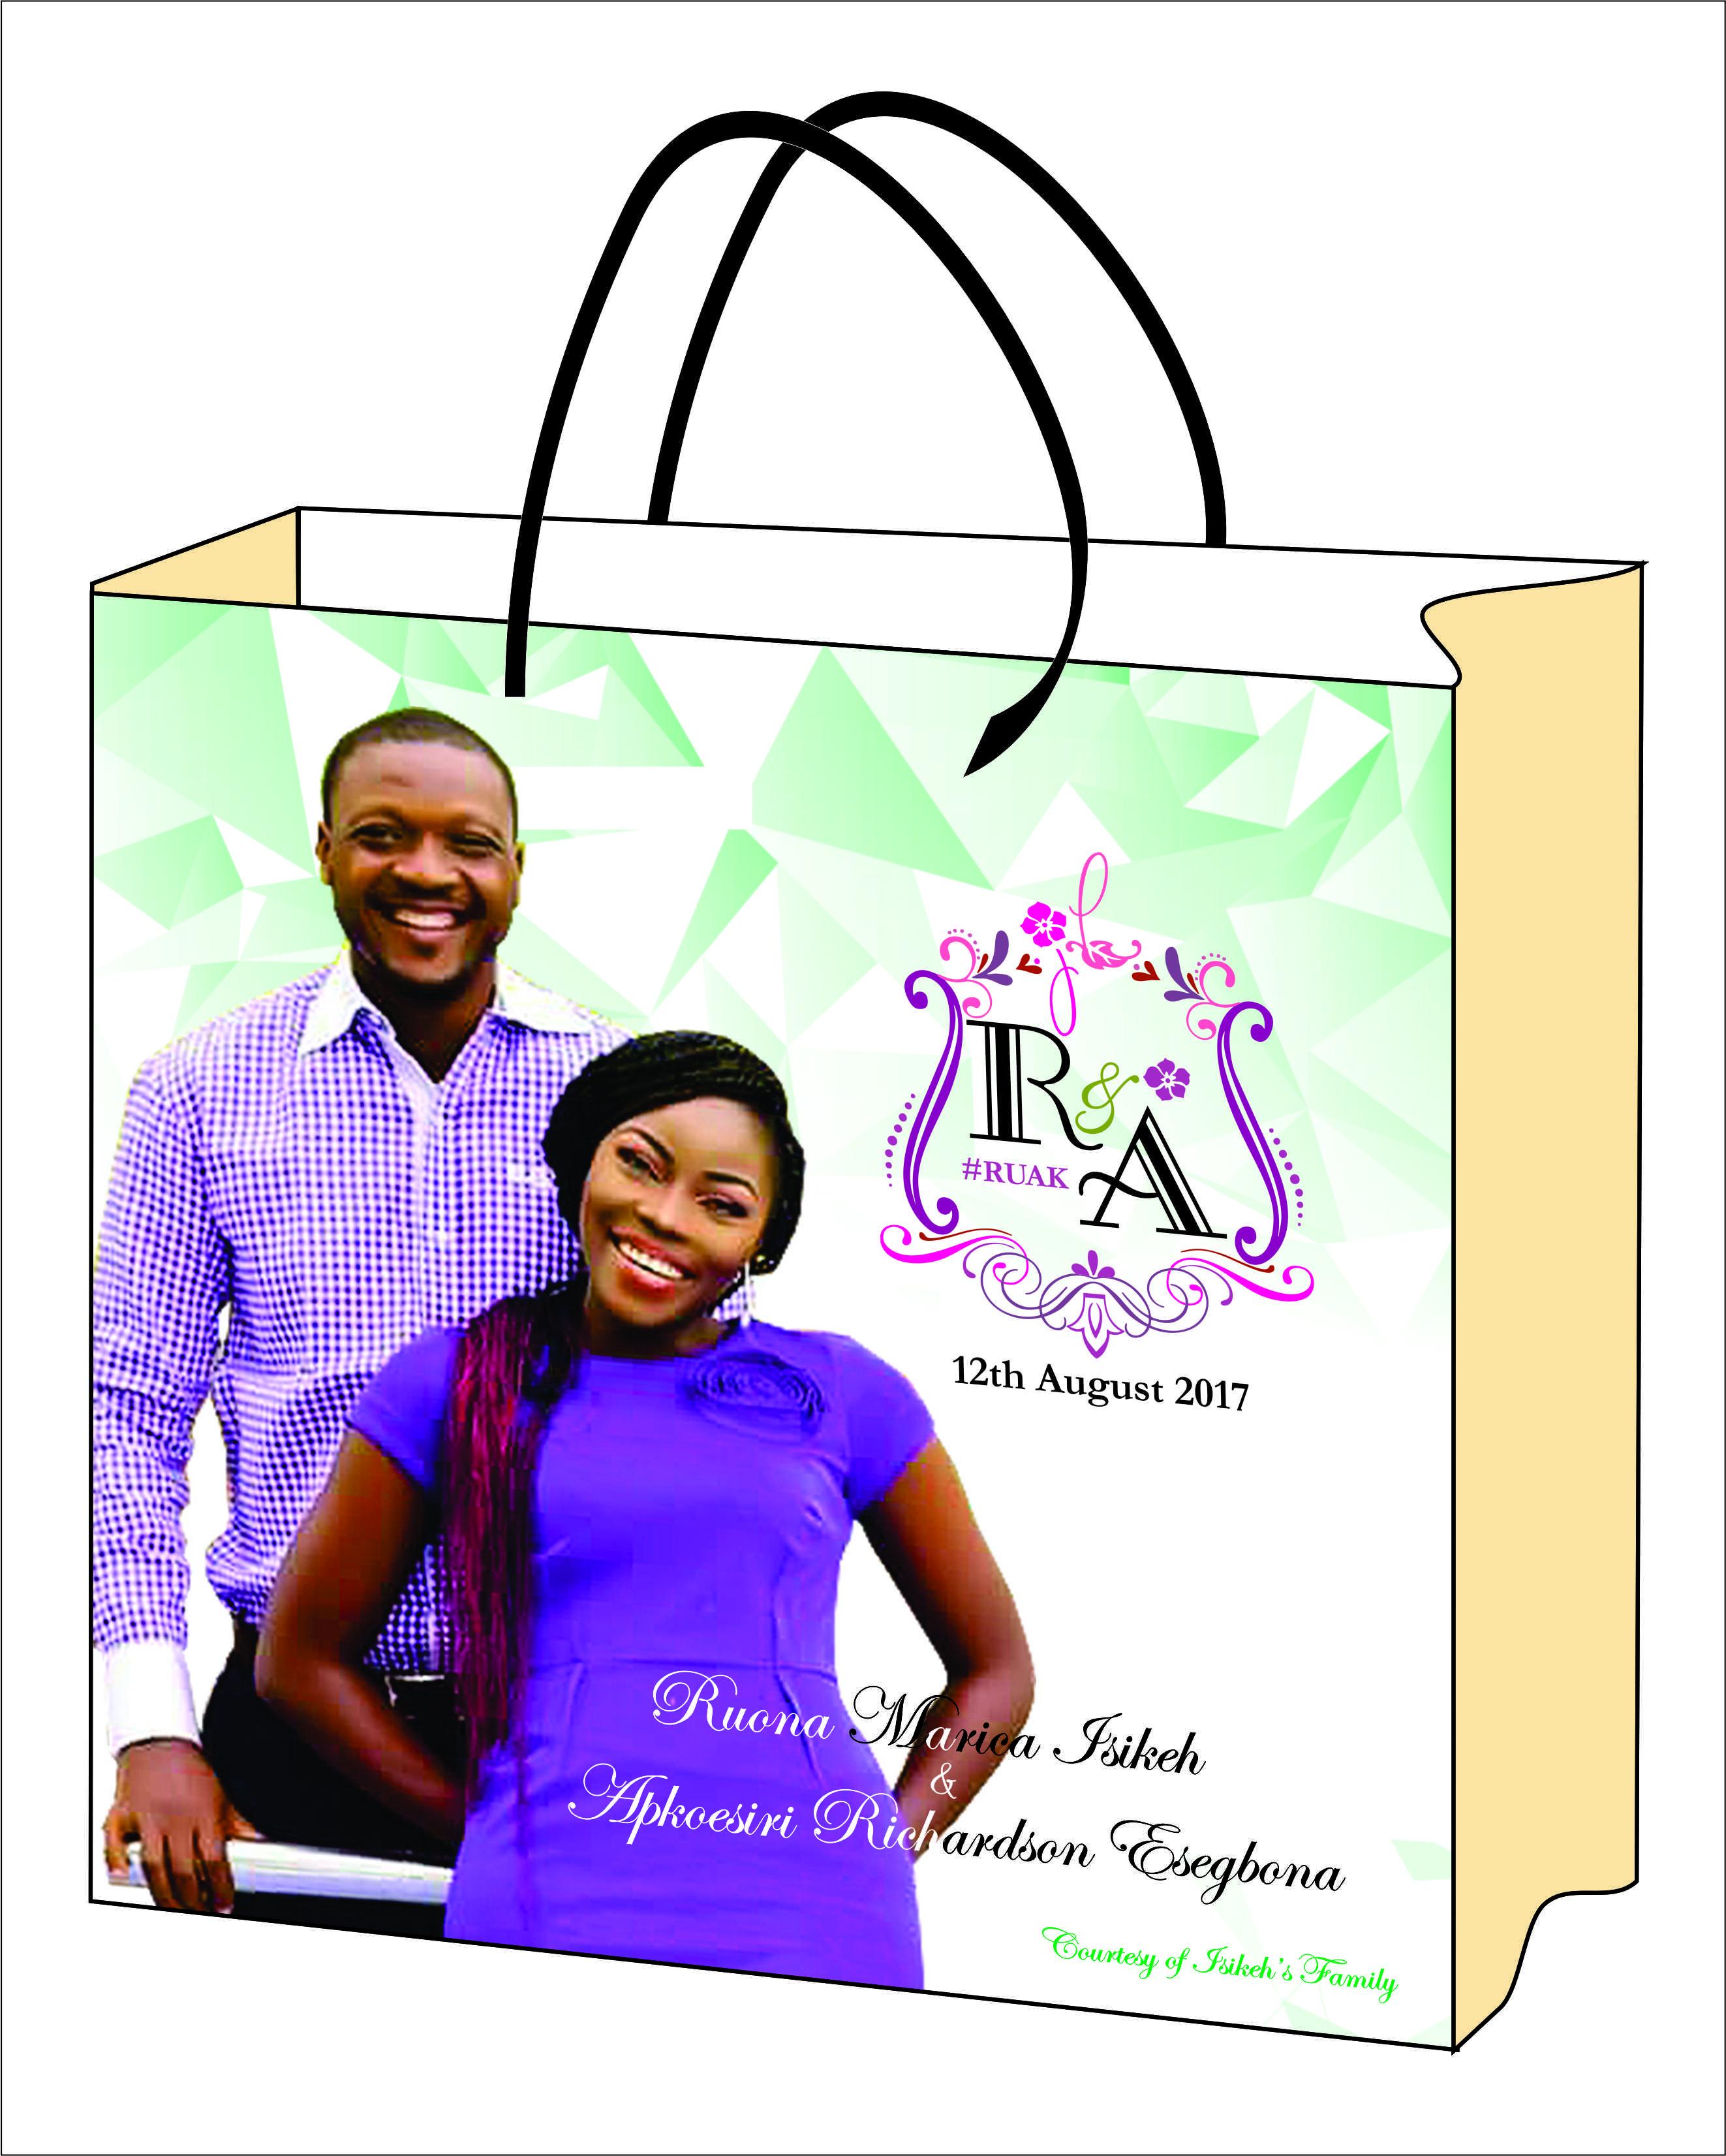 Paper Bag Branding